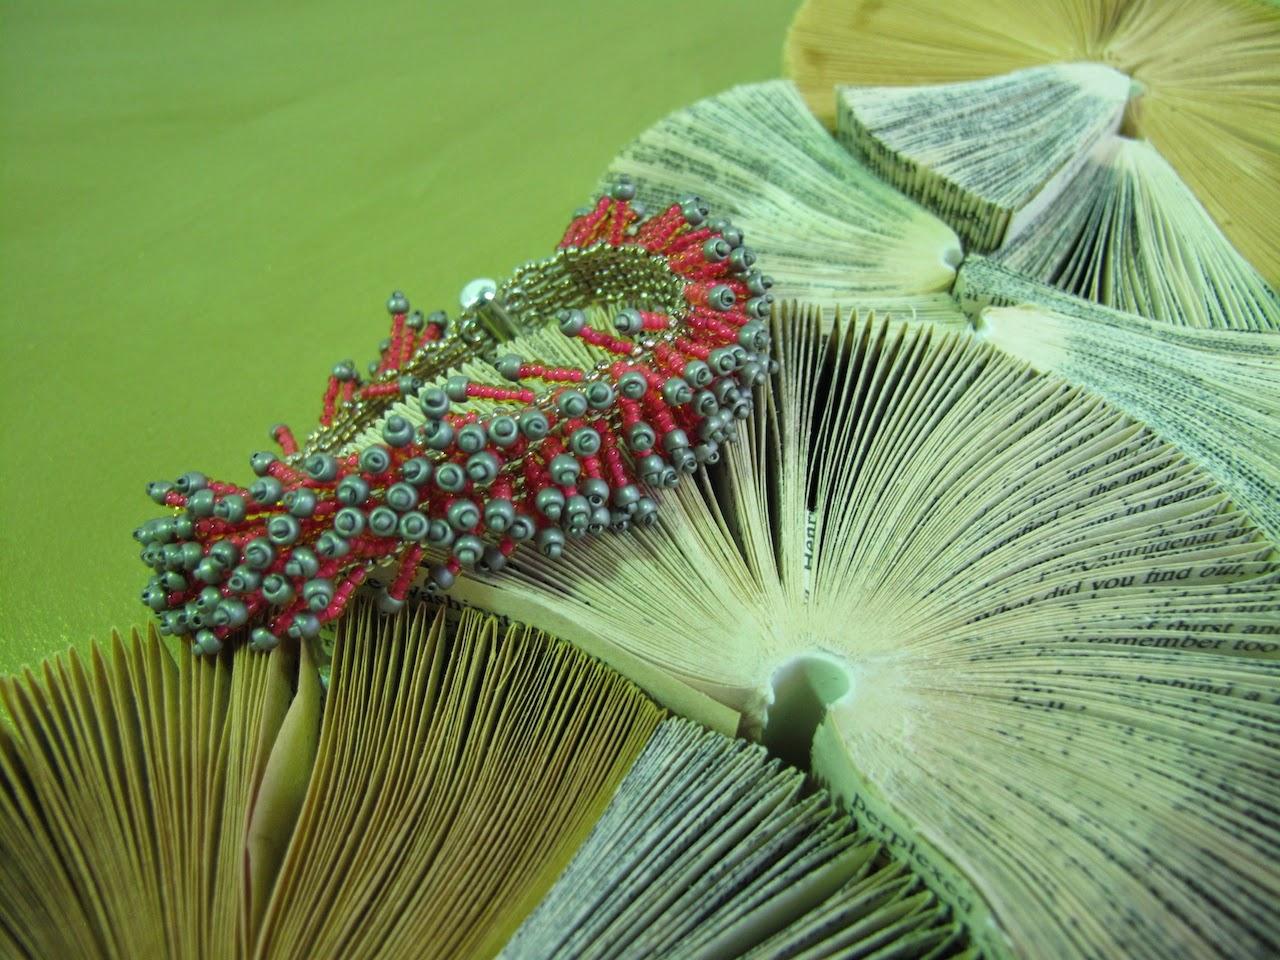 Beloved Beadwork meets Simple Intrigue Book Art